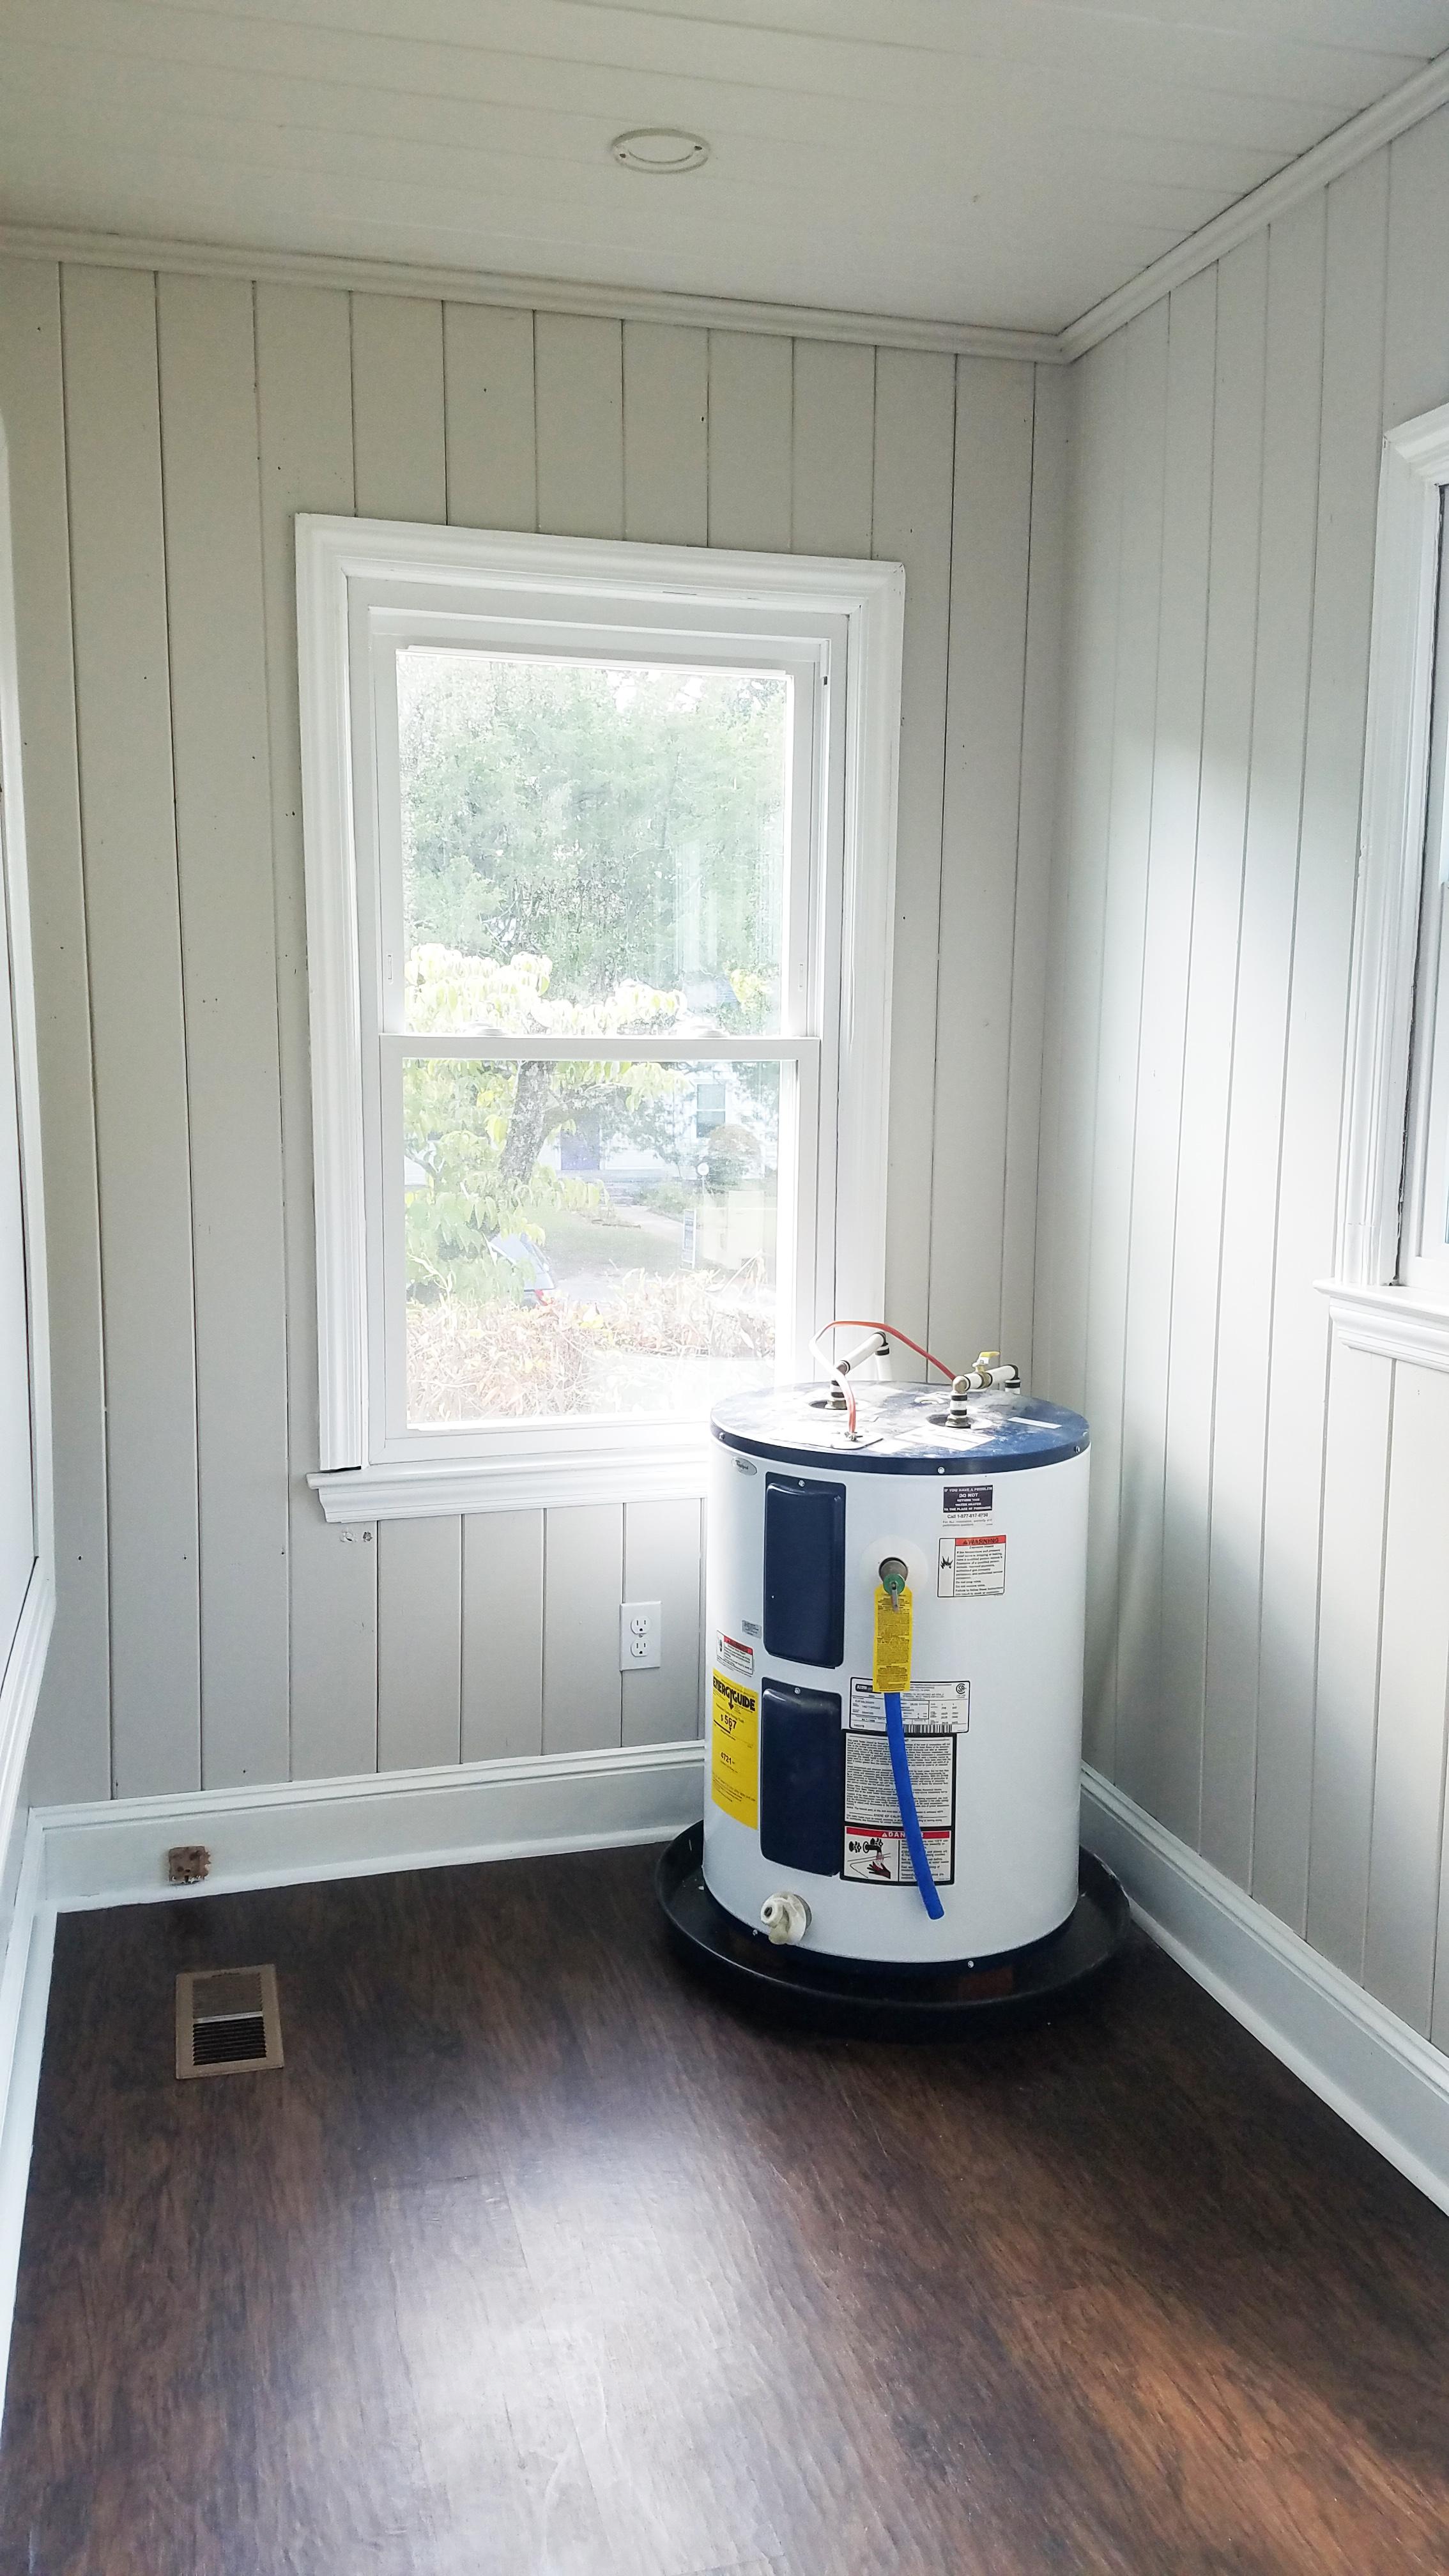 Haymount Homes Glenville House laundry room 1.jpg